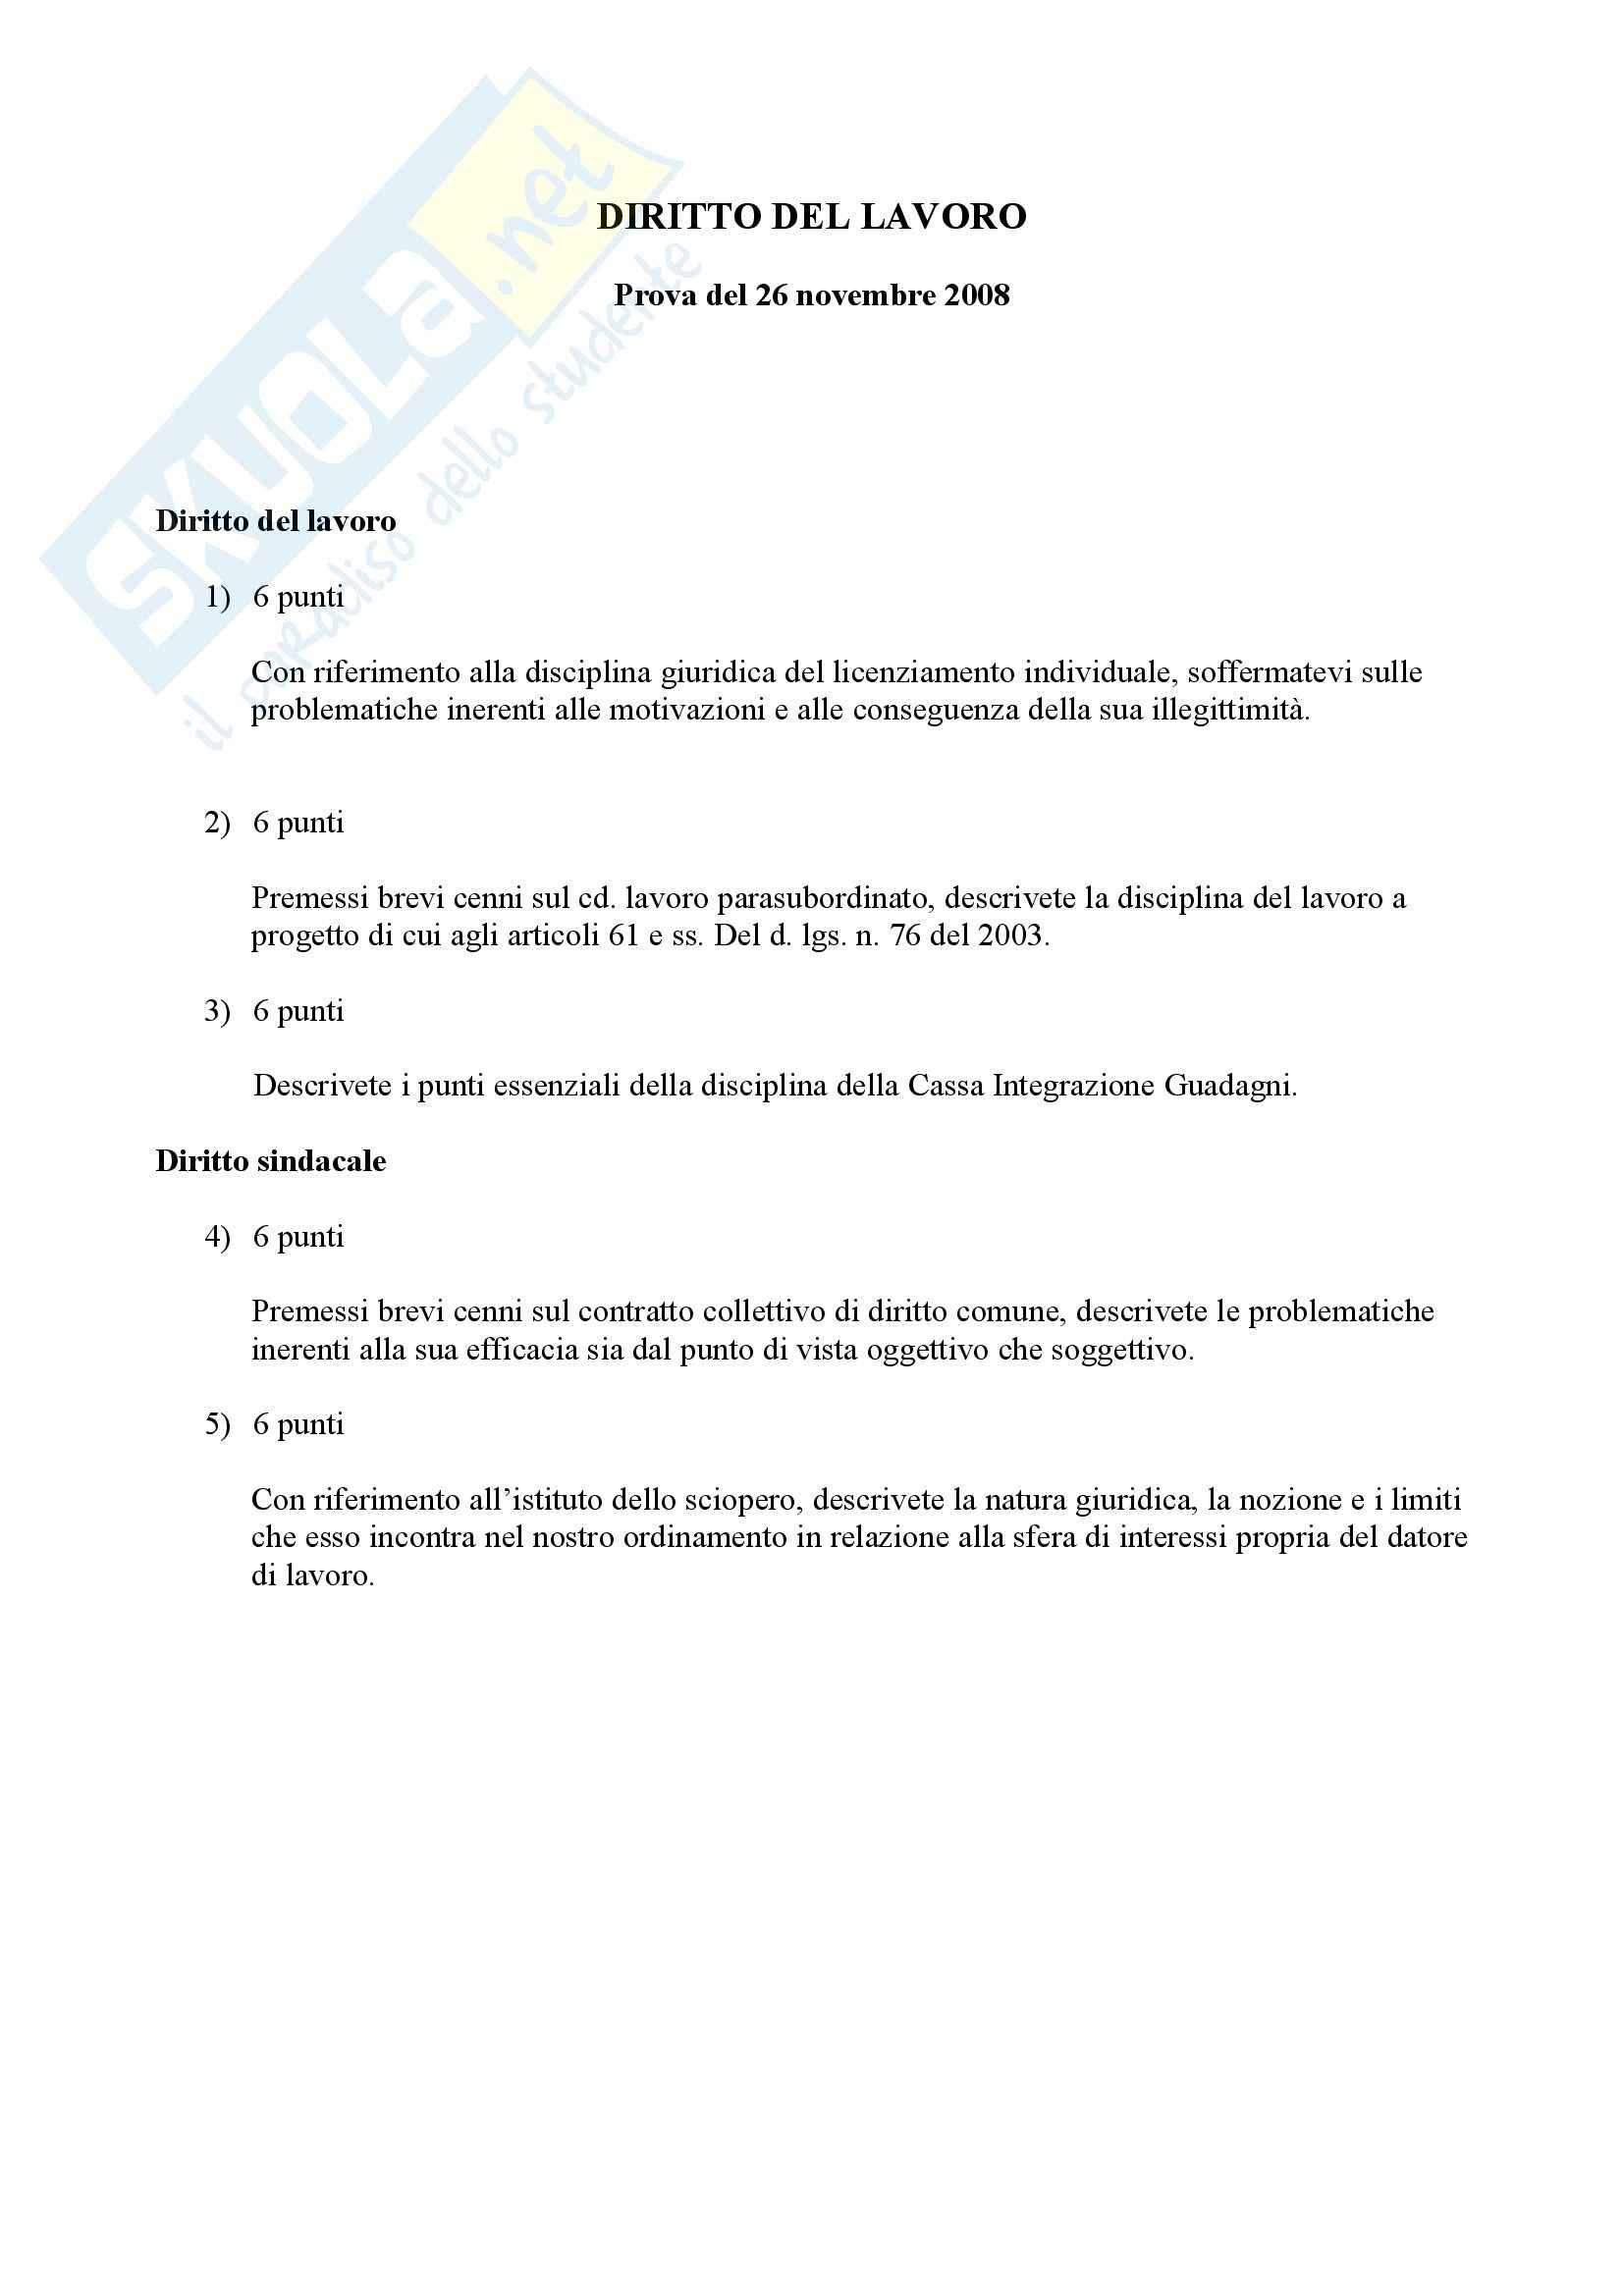 Diritto del lavoro - Domande